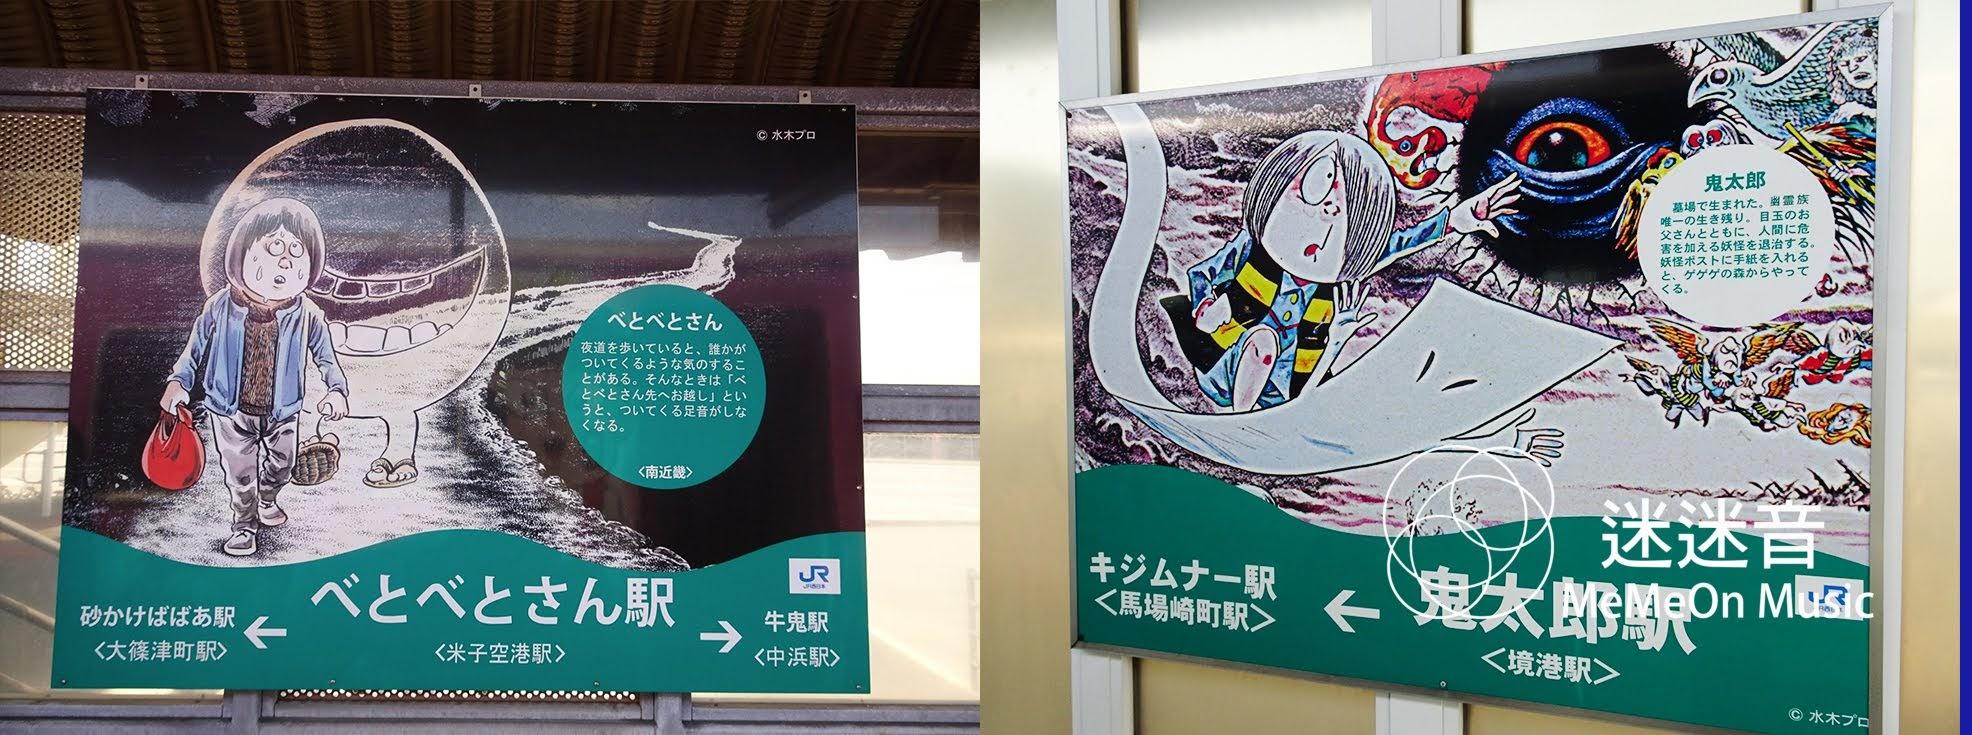 境港各車站名稱也融入《鬼太郎》的各角色元素